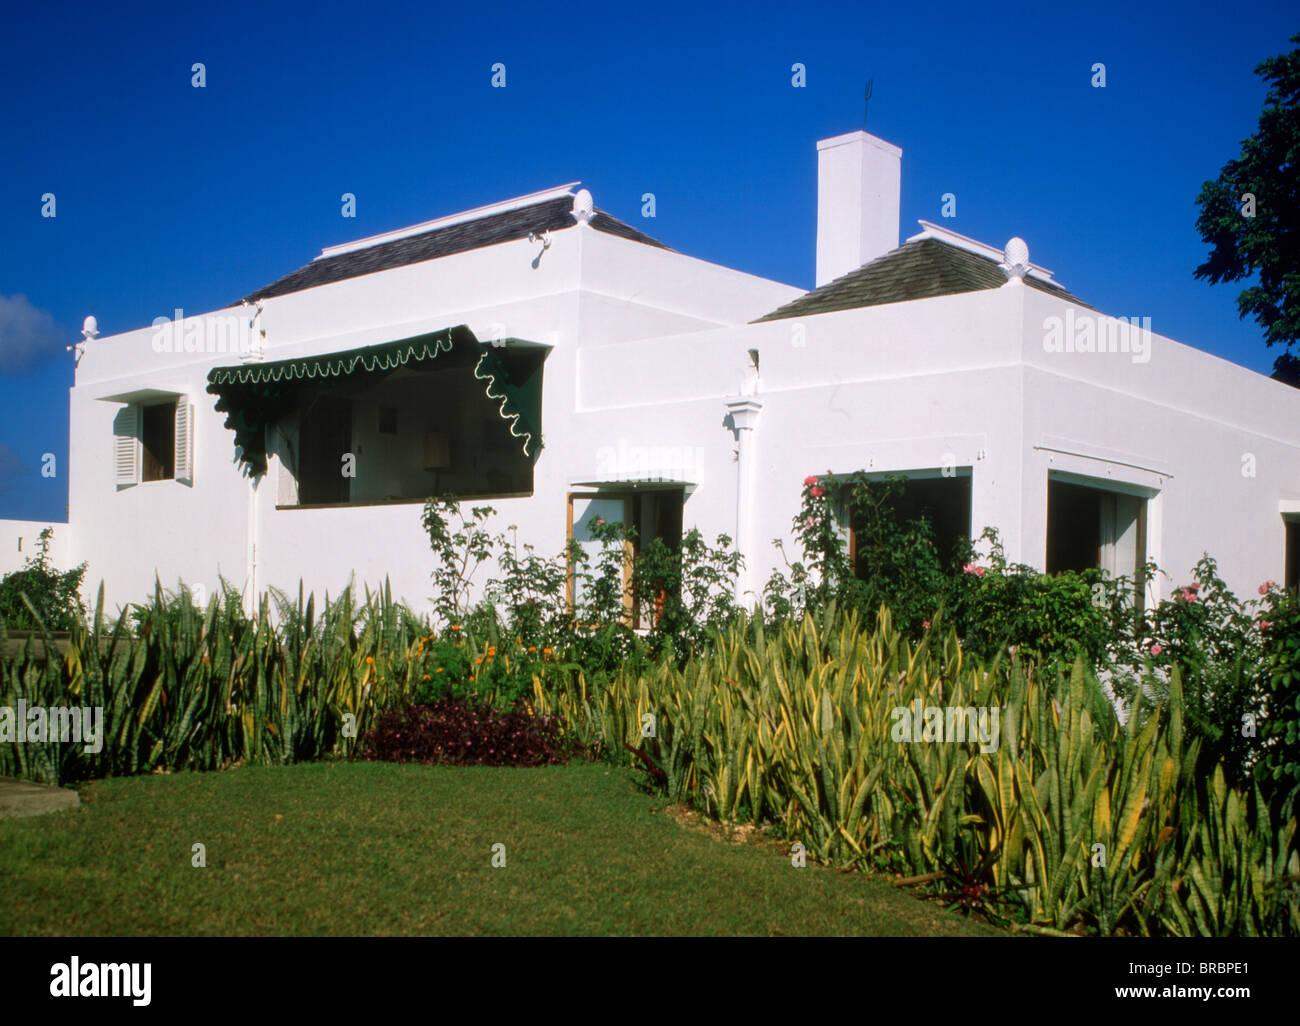 La Luciole, Noel Coward's home, côte nord, Jamaïque, Antilles, Caraïbes, Amérique Centrale Photo Stock